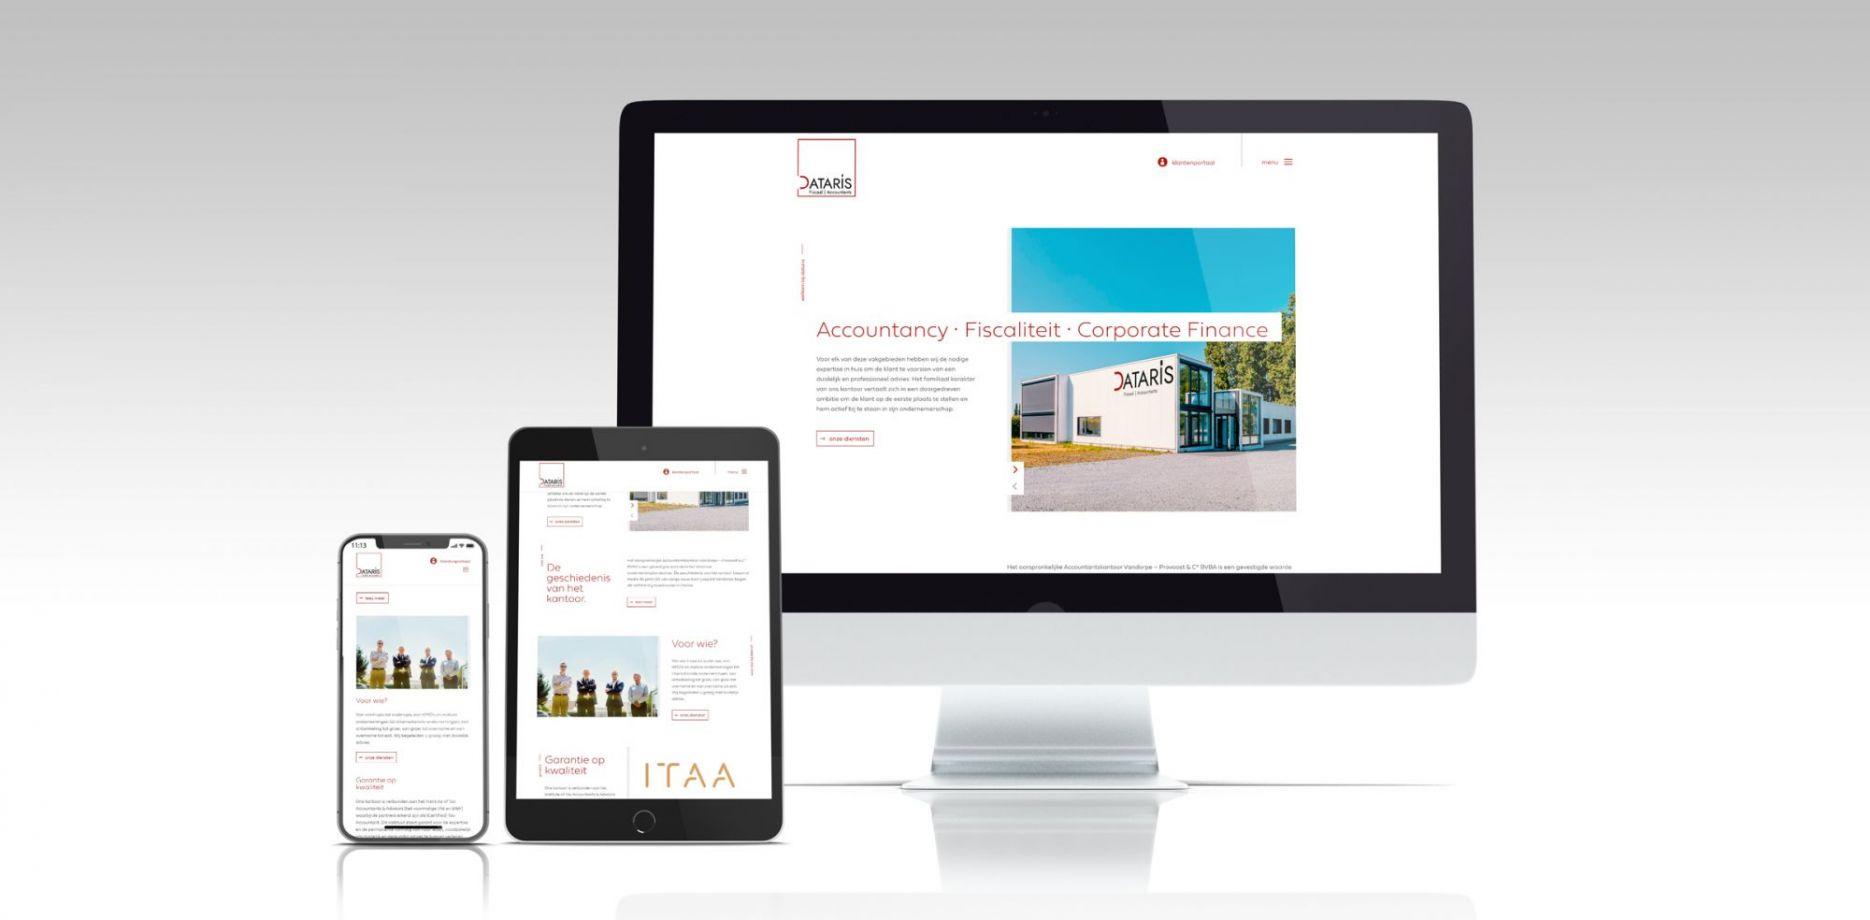 Dataris website